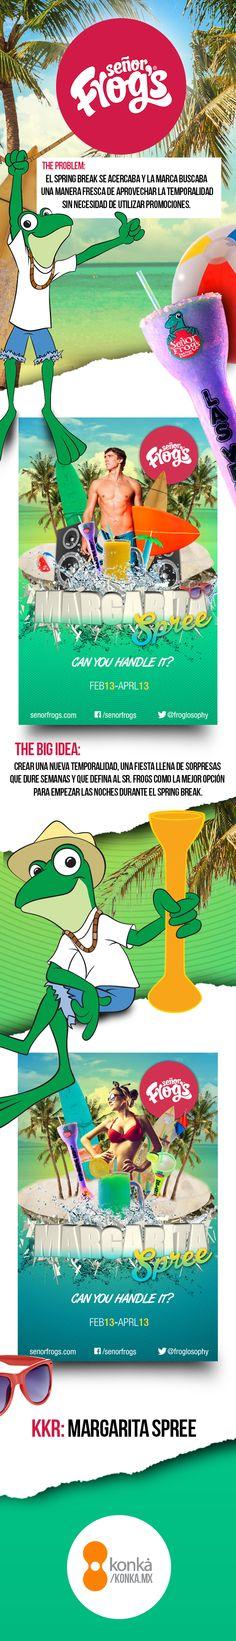 Sr. Frogs - Campaña por temporalidad